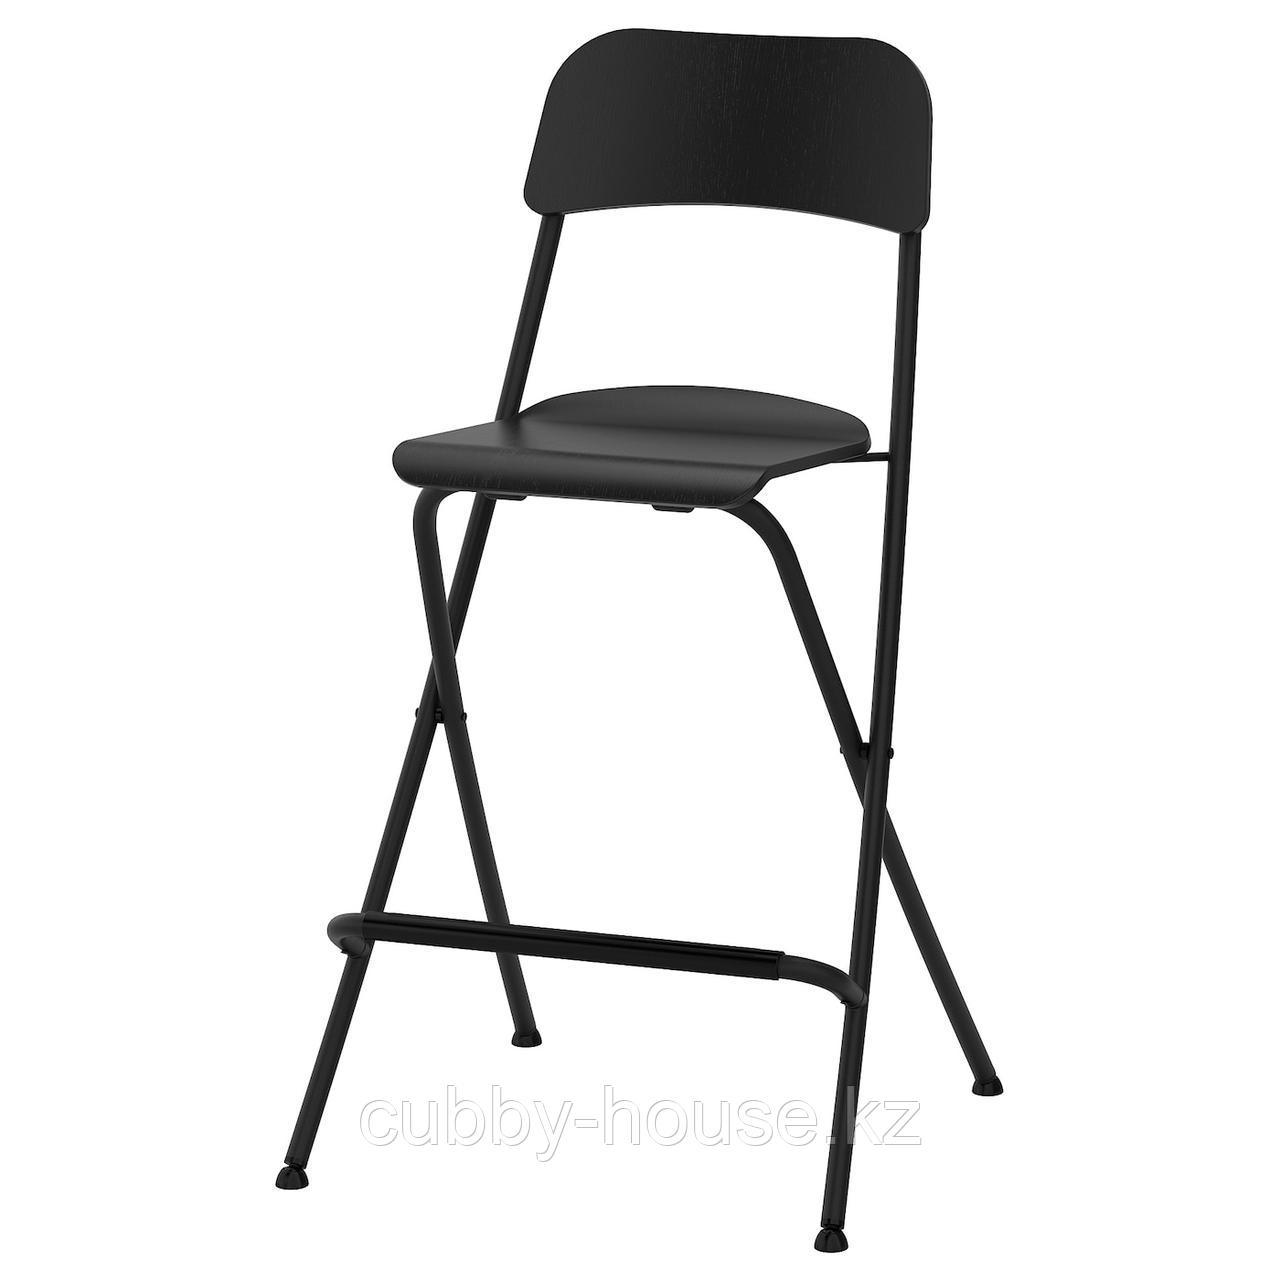 ФРАНКЛИН Стул барный, складной, черный, черный, 63 см